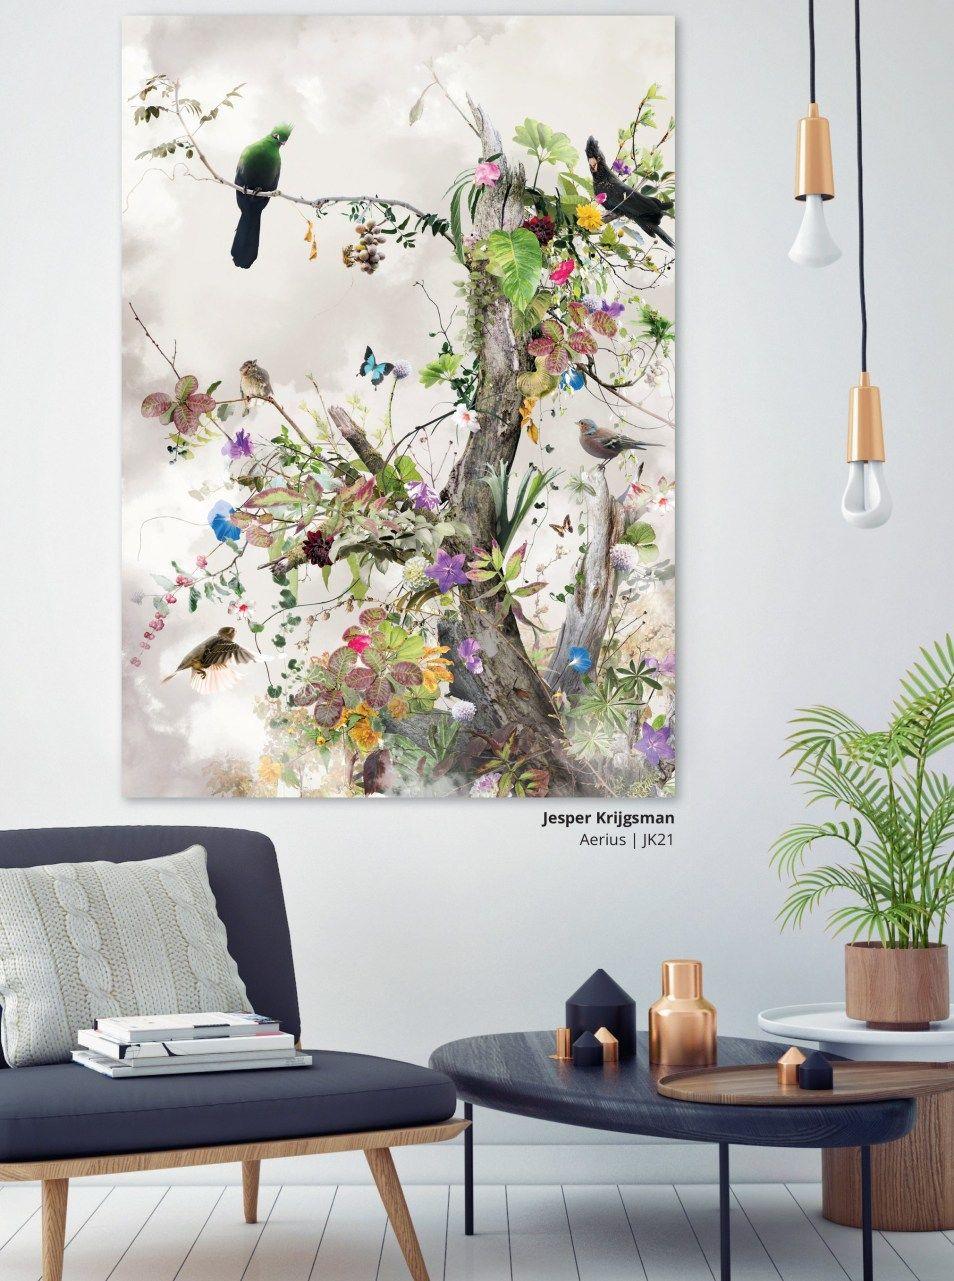 Stijlidee Stylingtip Selecteer Wanddecoratie Met De App Van Werk Aan De Muur Muur Kunst Woonkamer Decoratieve Muren Keuken Kunst Aan De Muur